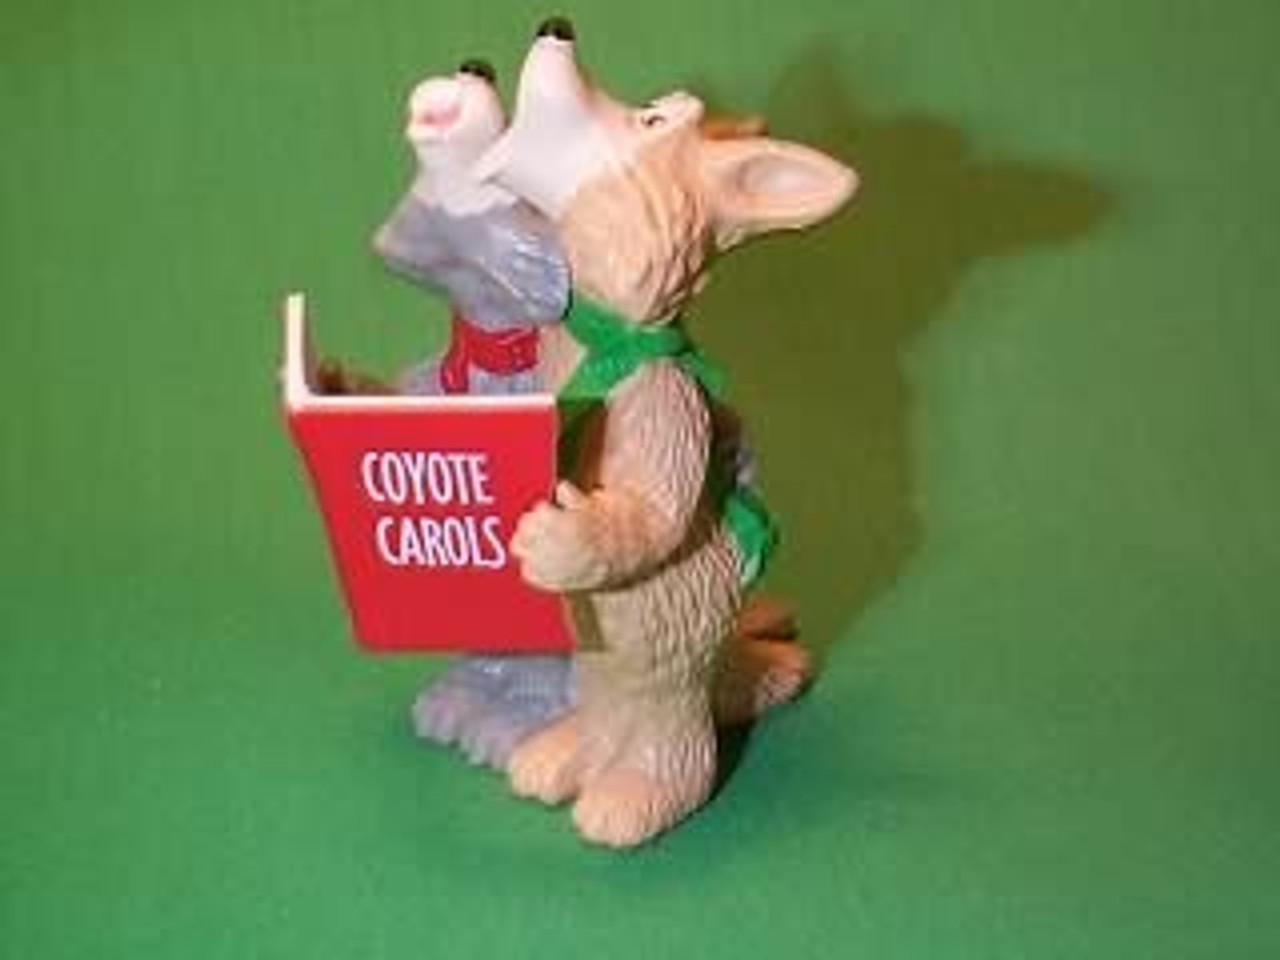 Coyote Carols 1990 Hallmark Ornament QX4993